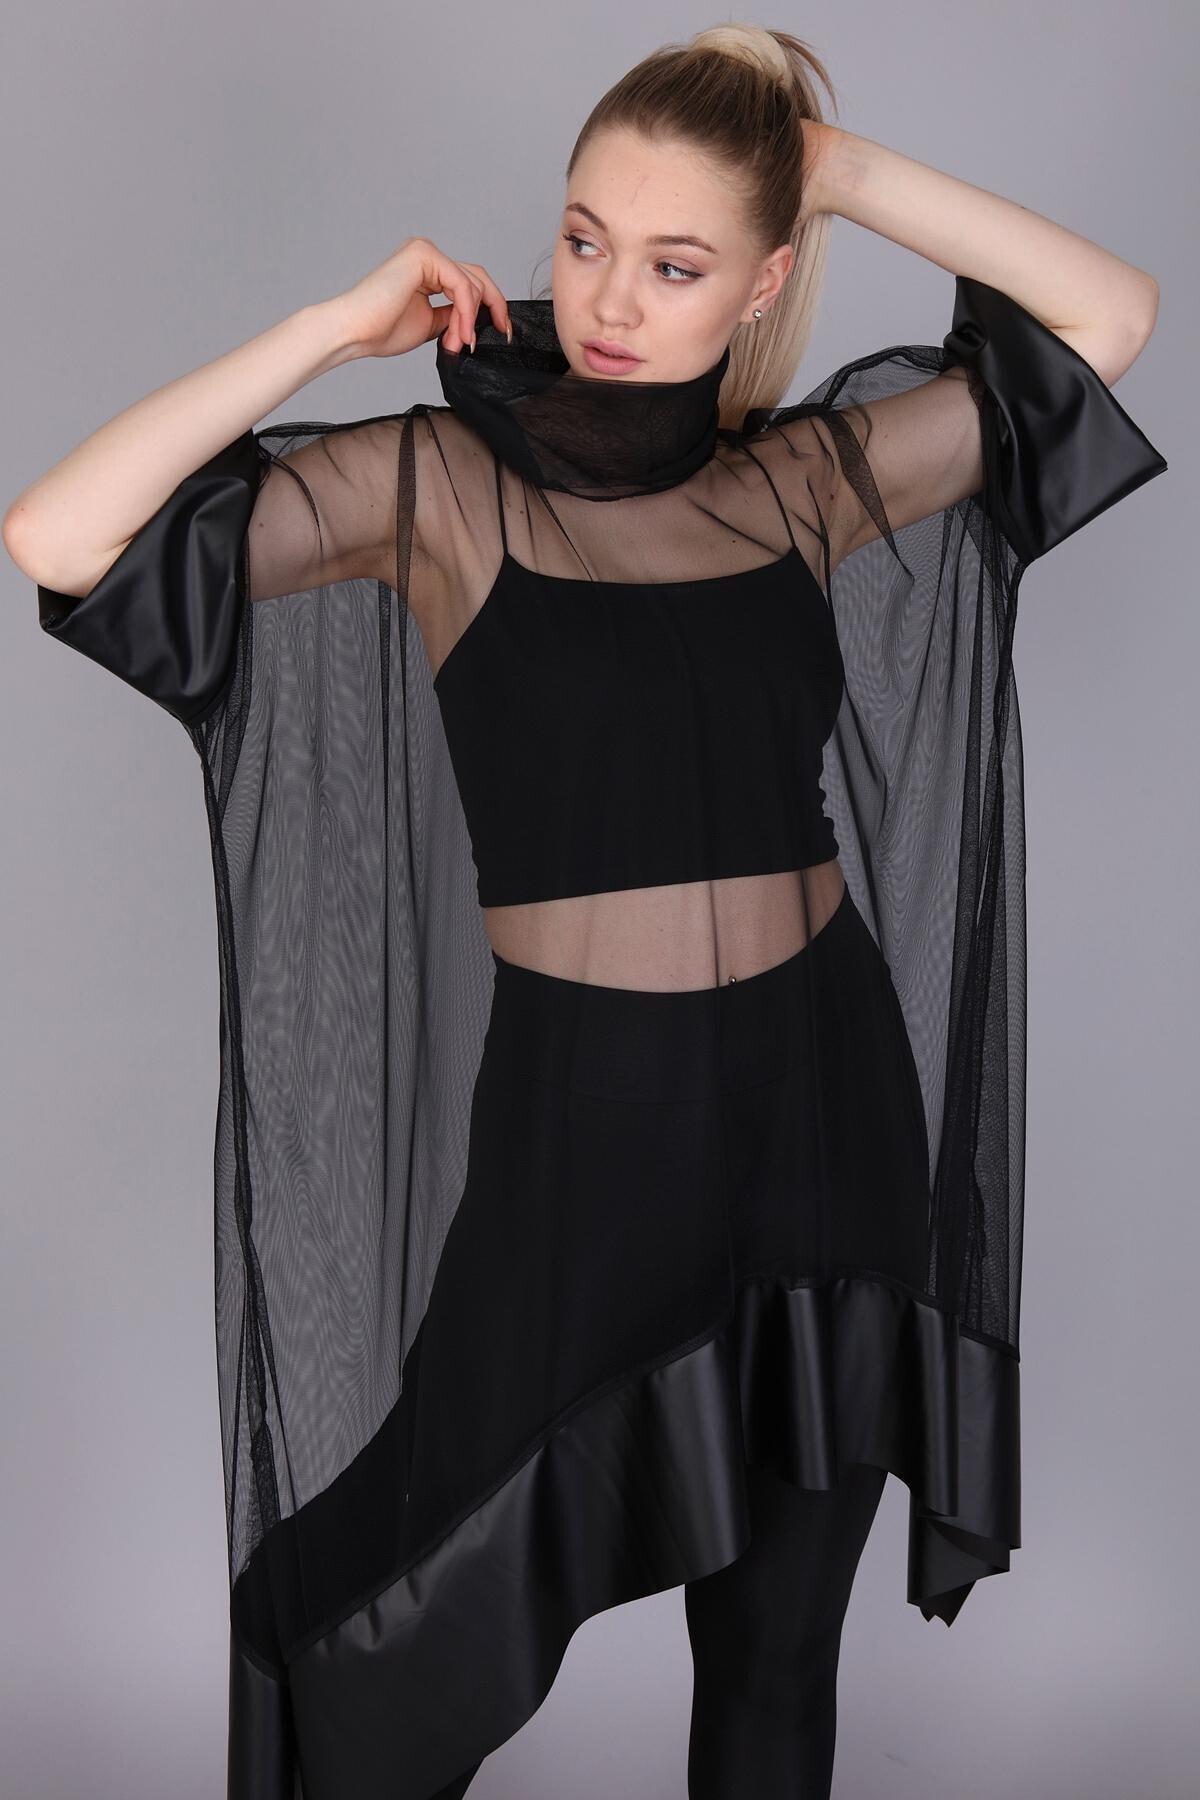 Mi&So Kadın Siyah Tül Derili Bluz M&S5101Pnç 2